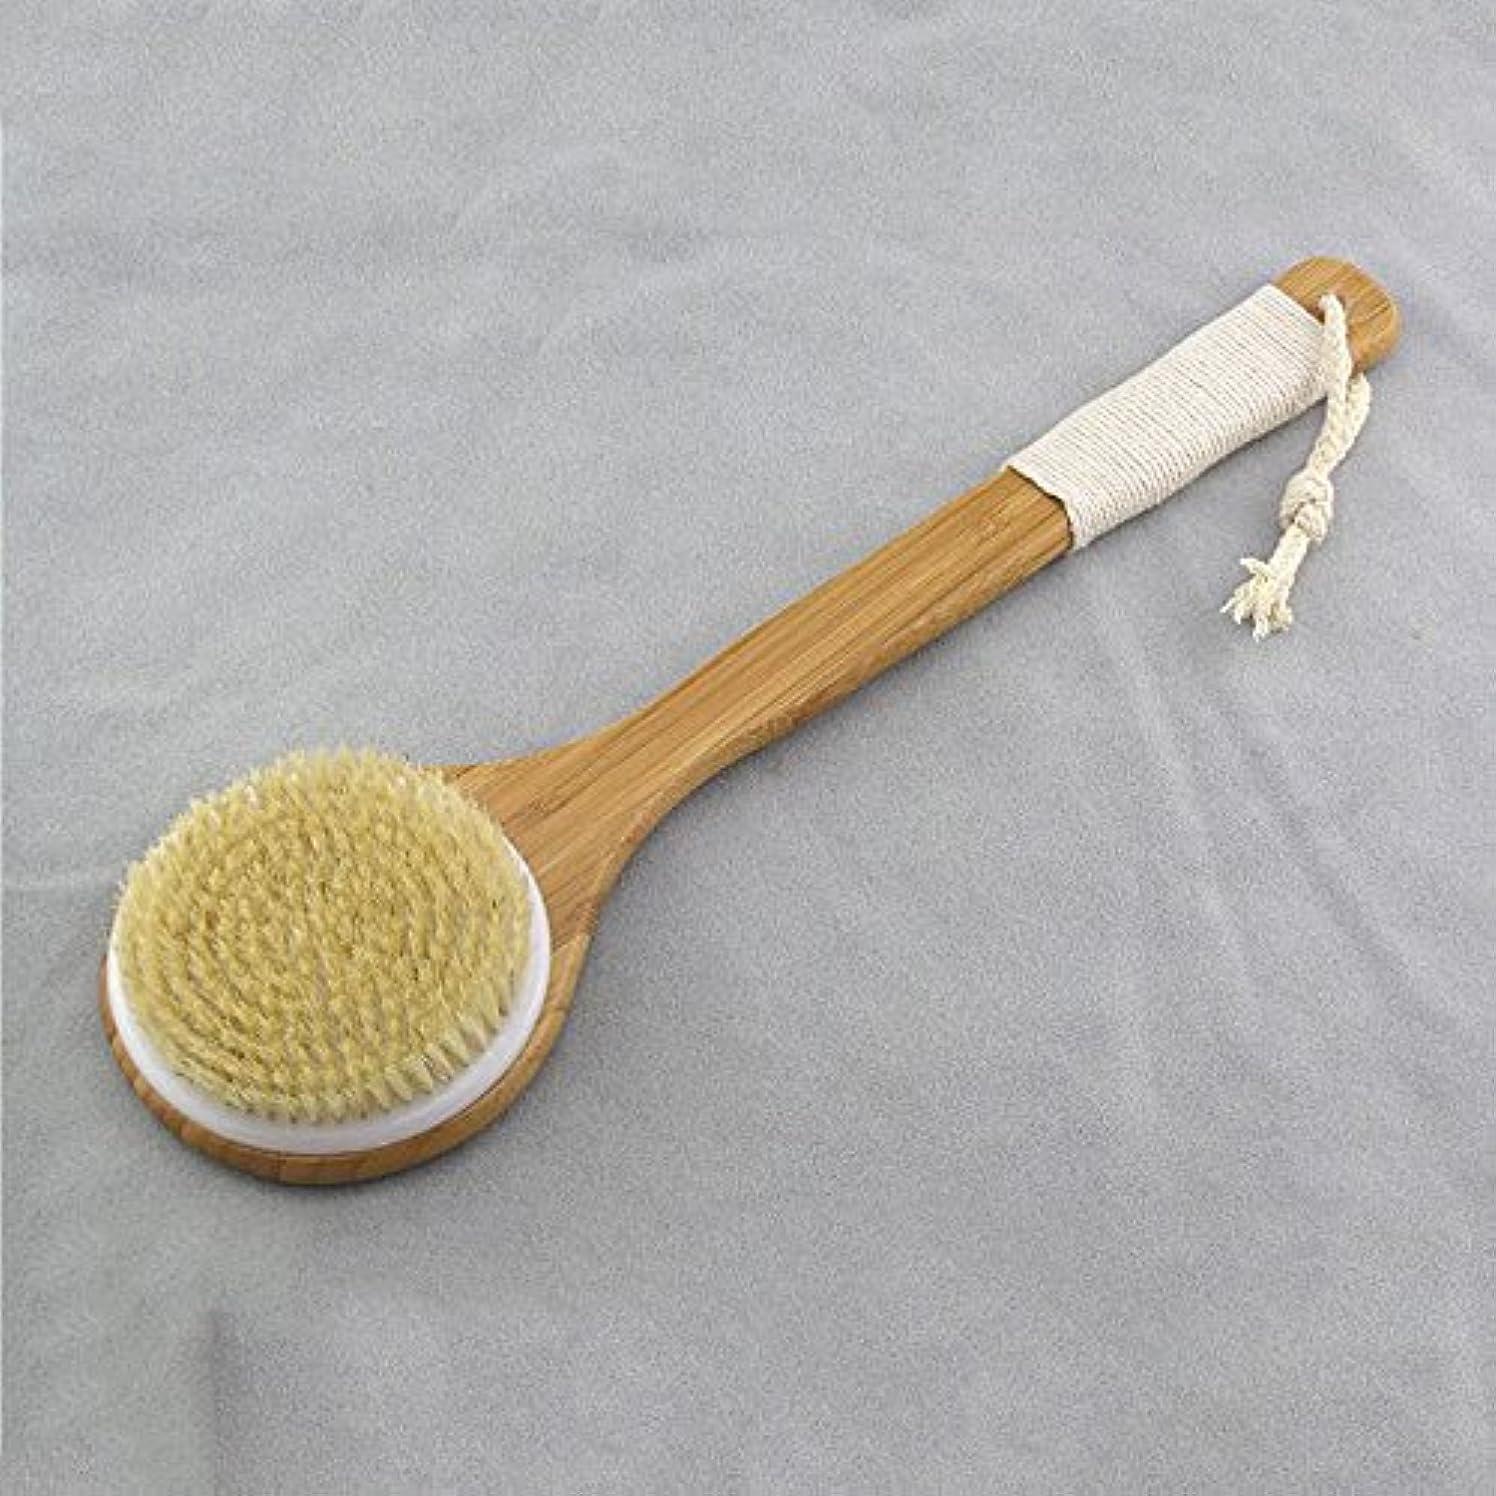 操縦するシンボルのホストBigmind ボディブラシ ロング マッサージ 豚毛100% 体洗いブラシ お風呂グッズ 竹製長柄 角質除去 美肌効果 背中